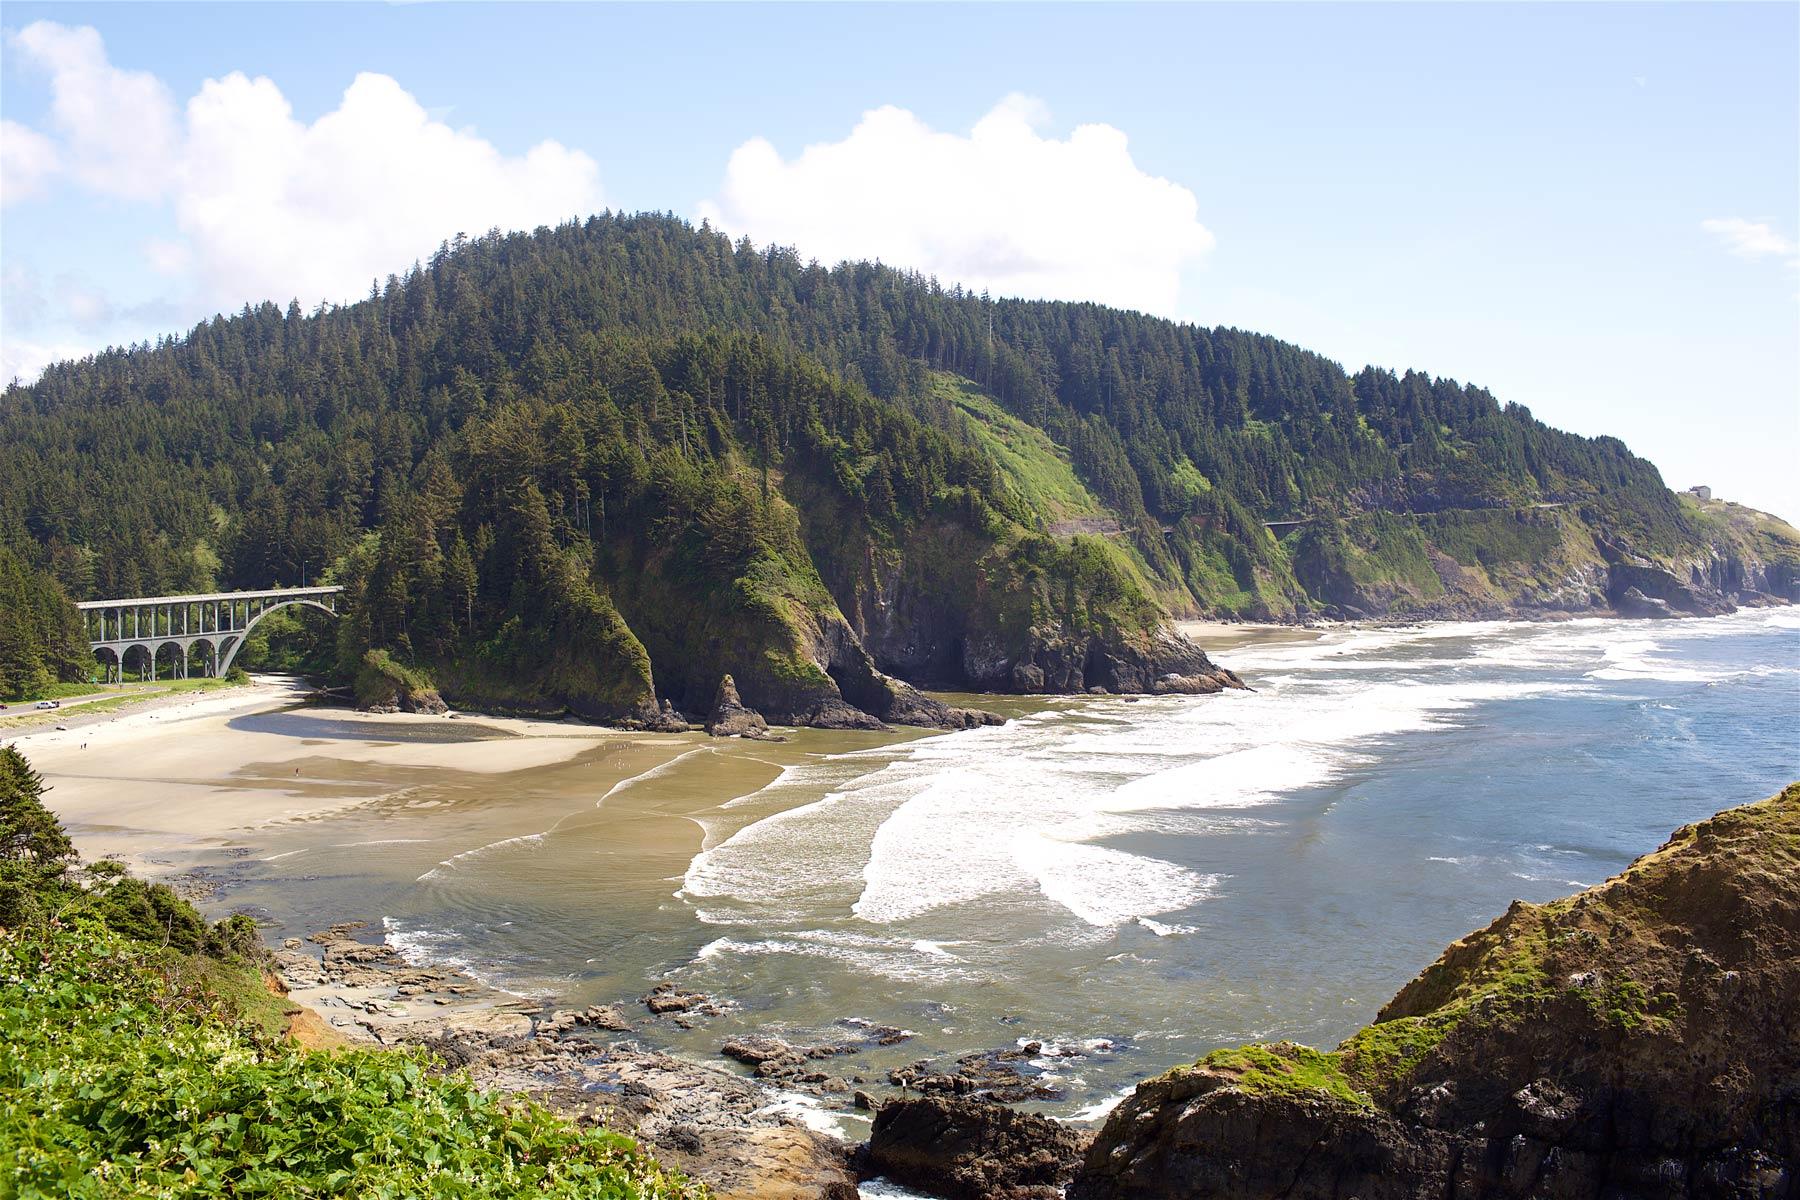 Oregonin kuvauksellista rantaviivaa. (c) Alex Kampion /tripsteri.fi